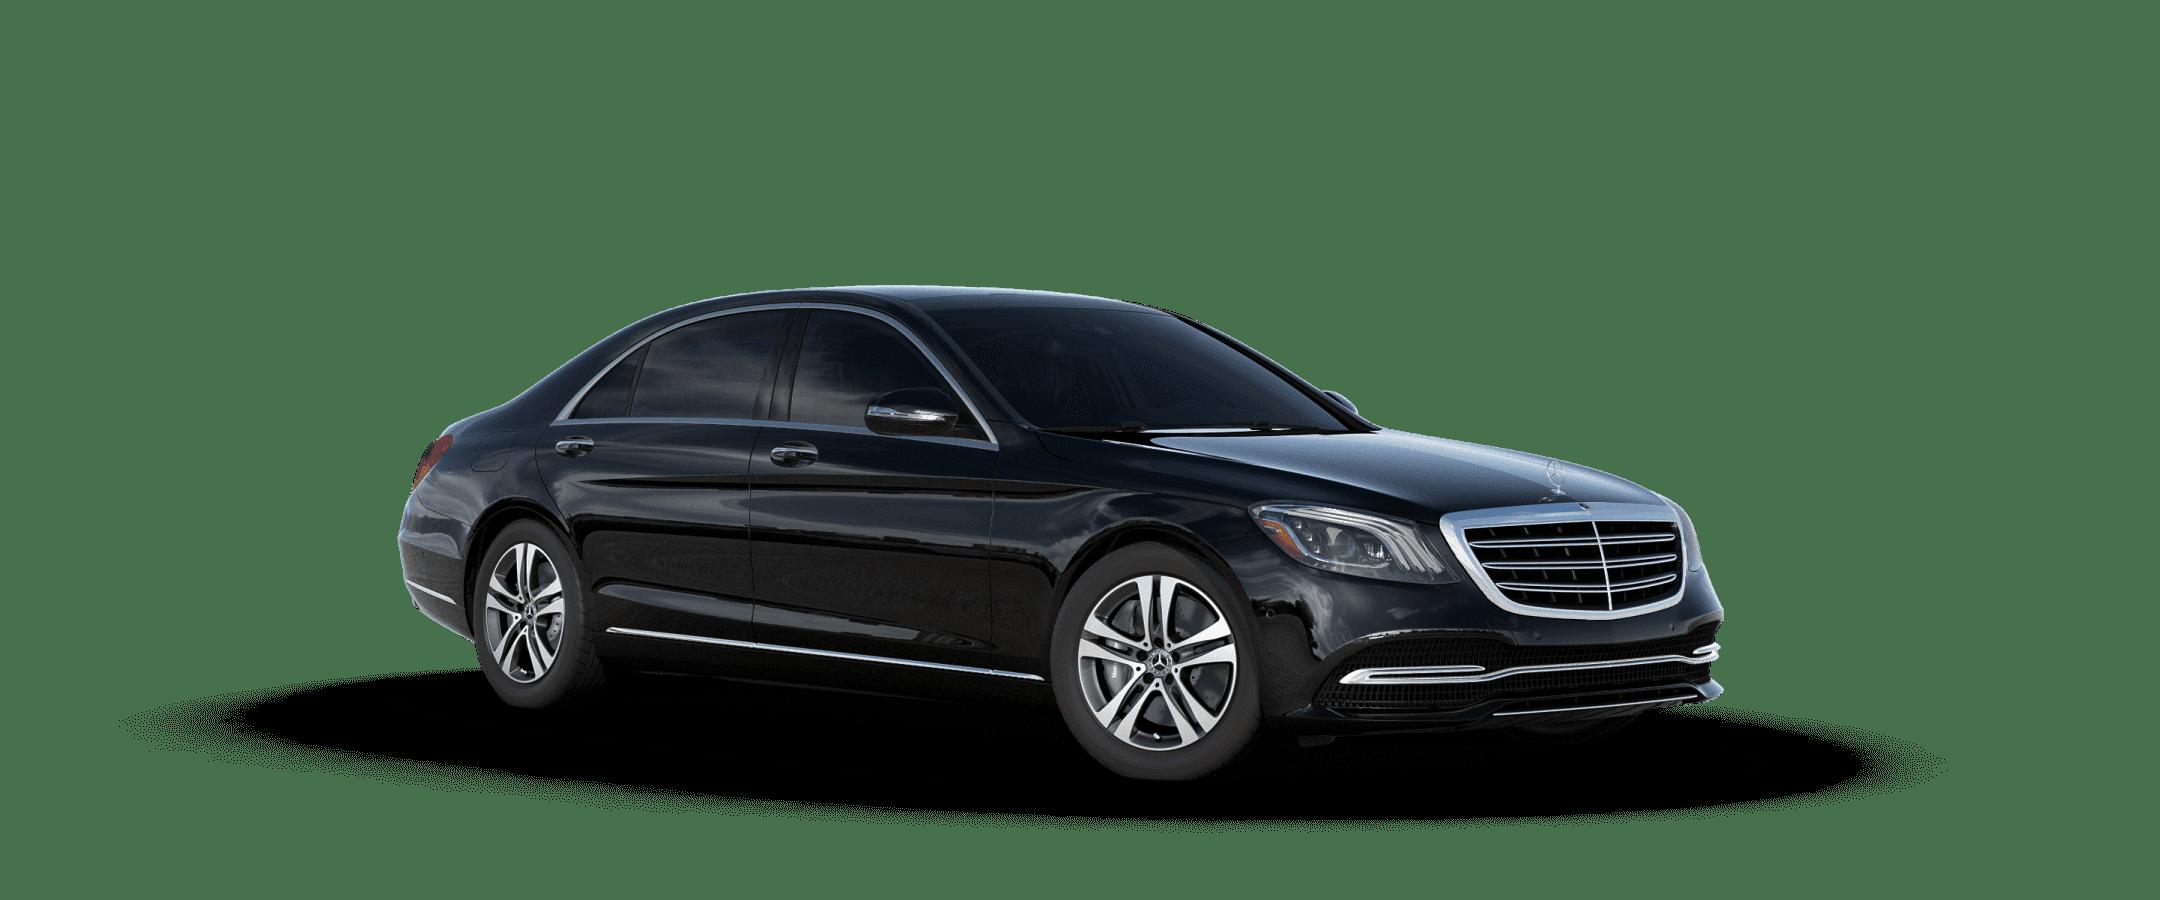 Mercedes-Benz Car Dealer in Eugene, OR | Mercedes-Benz of ...